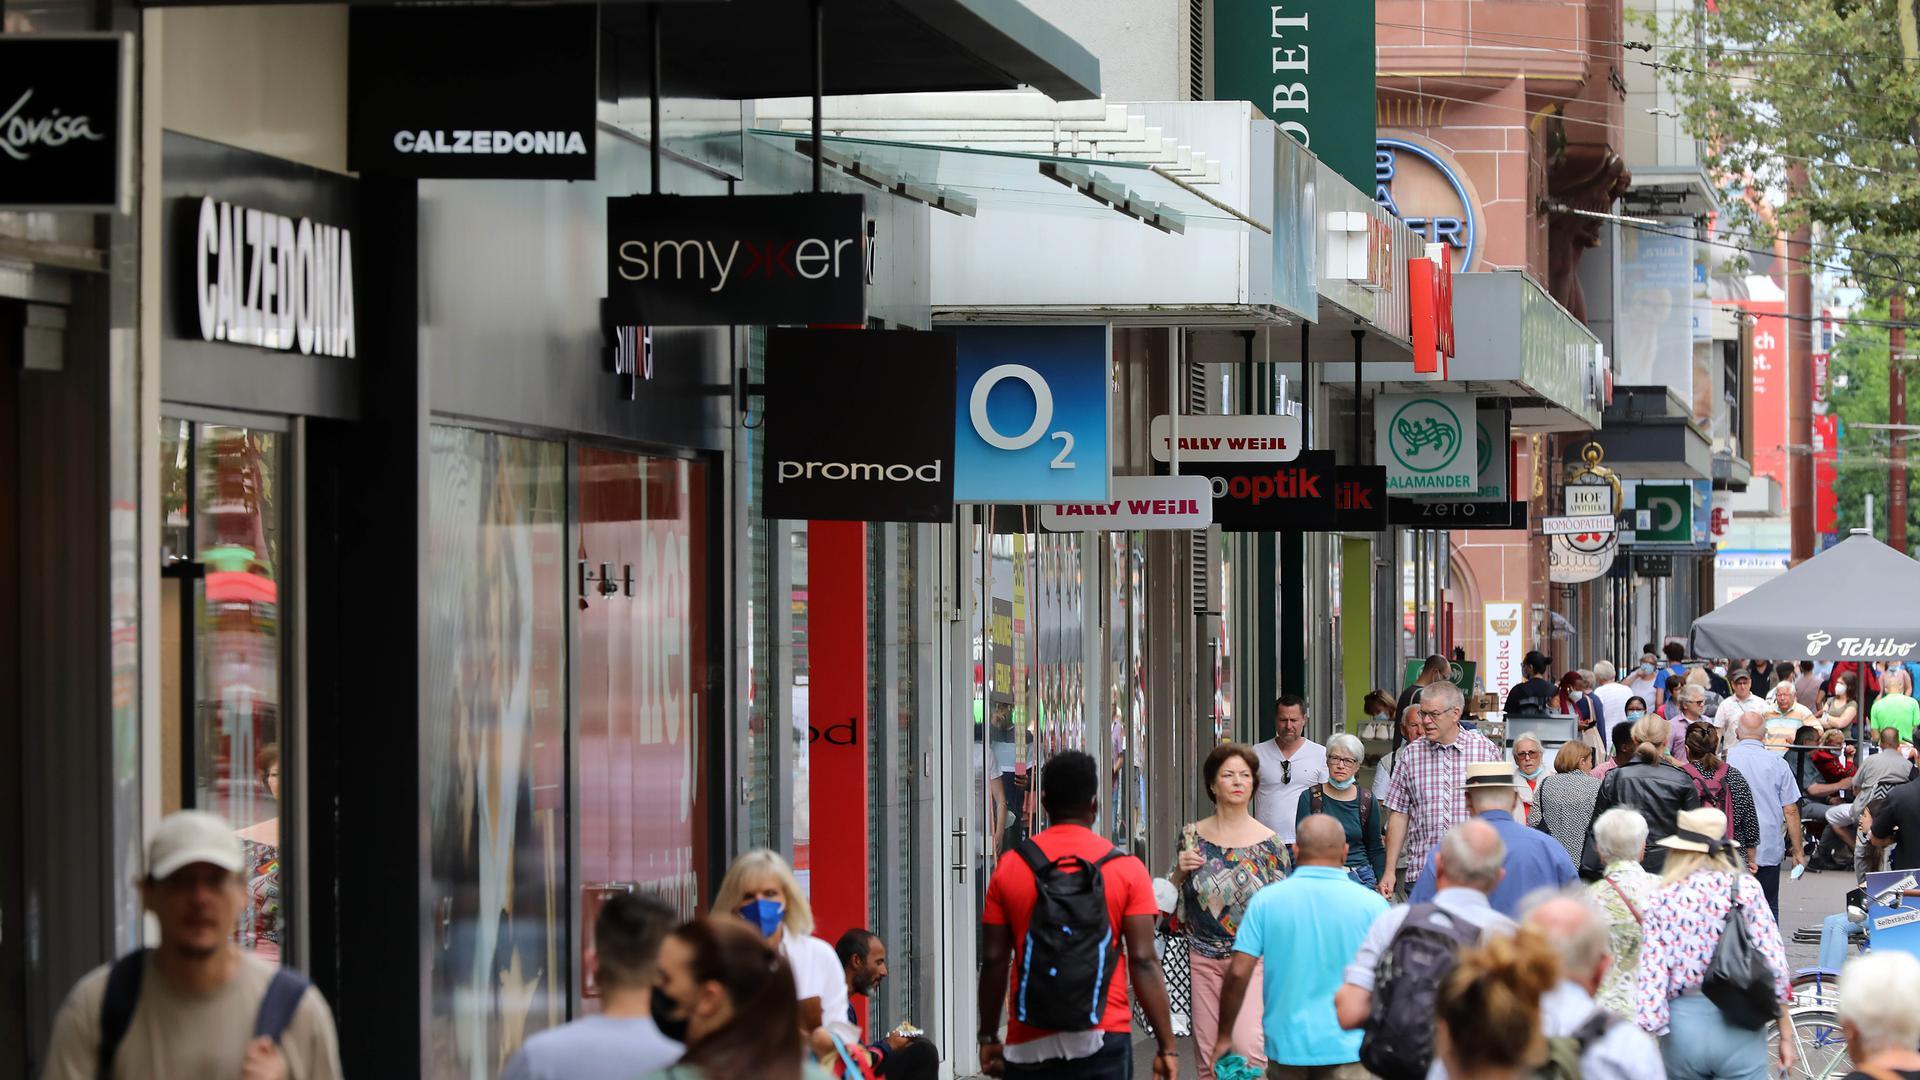 Einkaufsmeile im Wandel: Unter anderem eröffnet der Brillenanbieter Smykker in der Kaiserstraße. Auch Royal Donuts, der bei Jüngeren Kultstatus hat, kommt neu in die Karlsruher City.